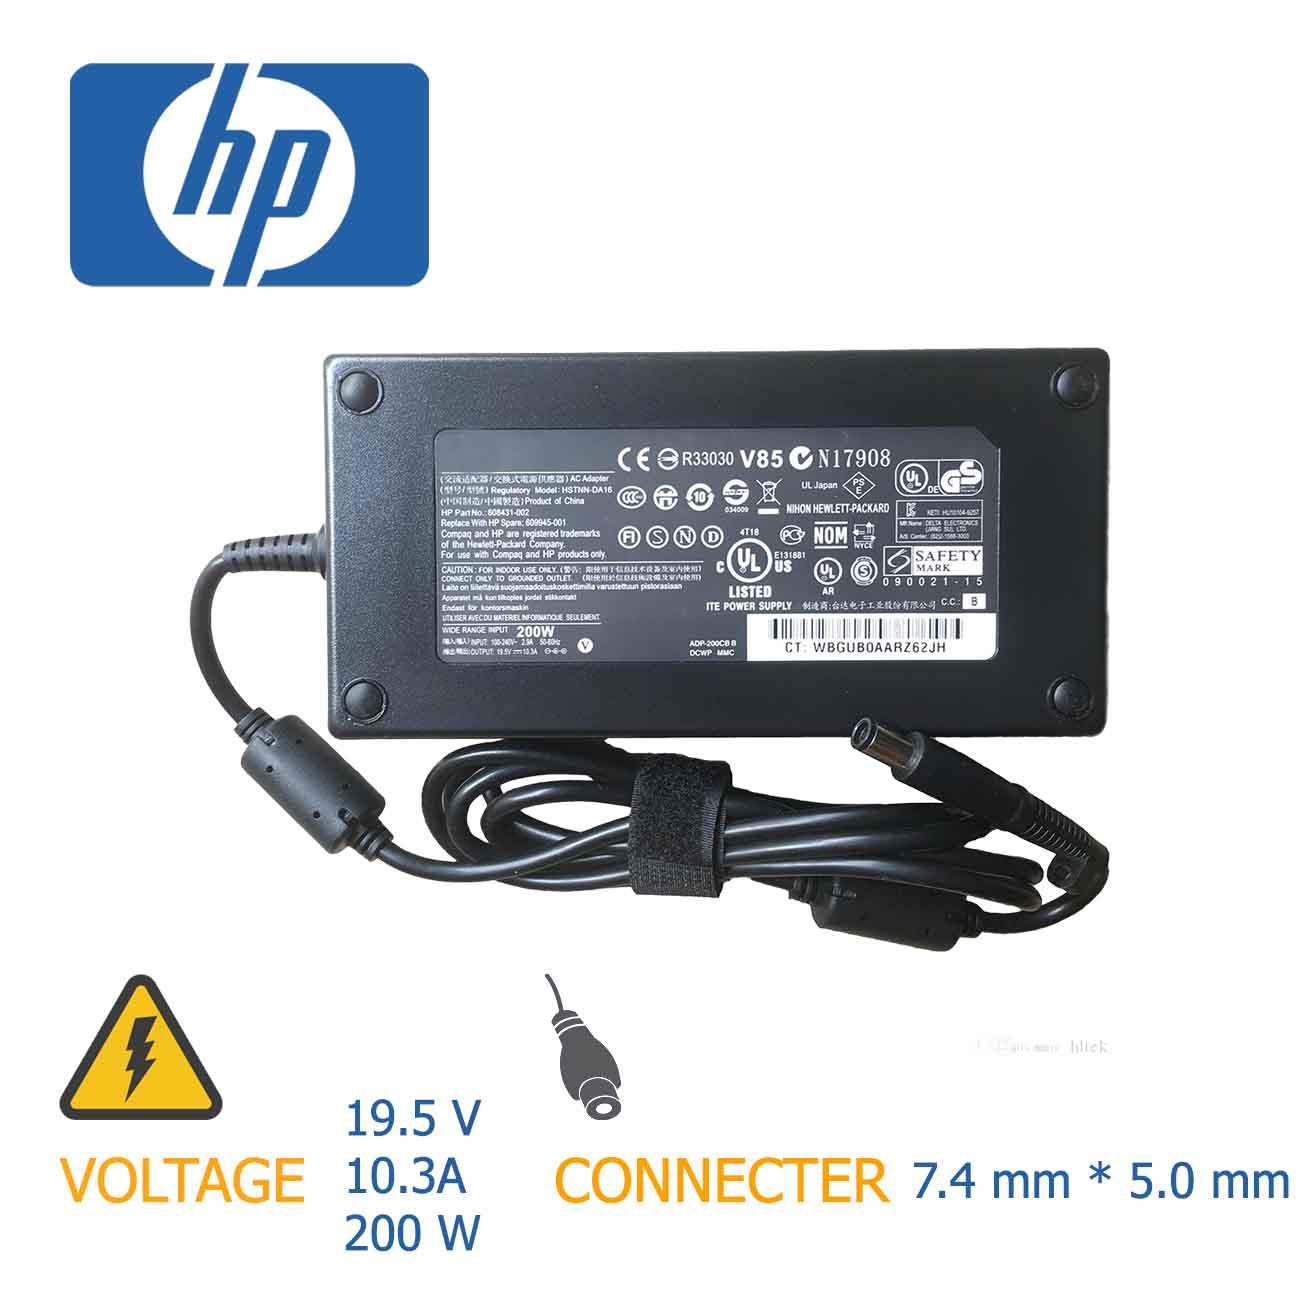 شارژر آداپتور لپ تاپ نوت بوک 19.5V 10.3A 200W 7.4mm*5.0mm HP